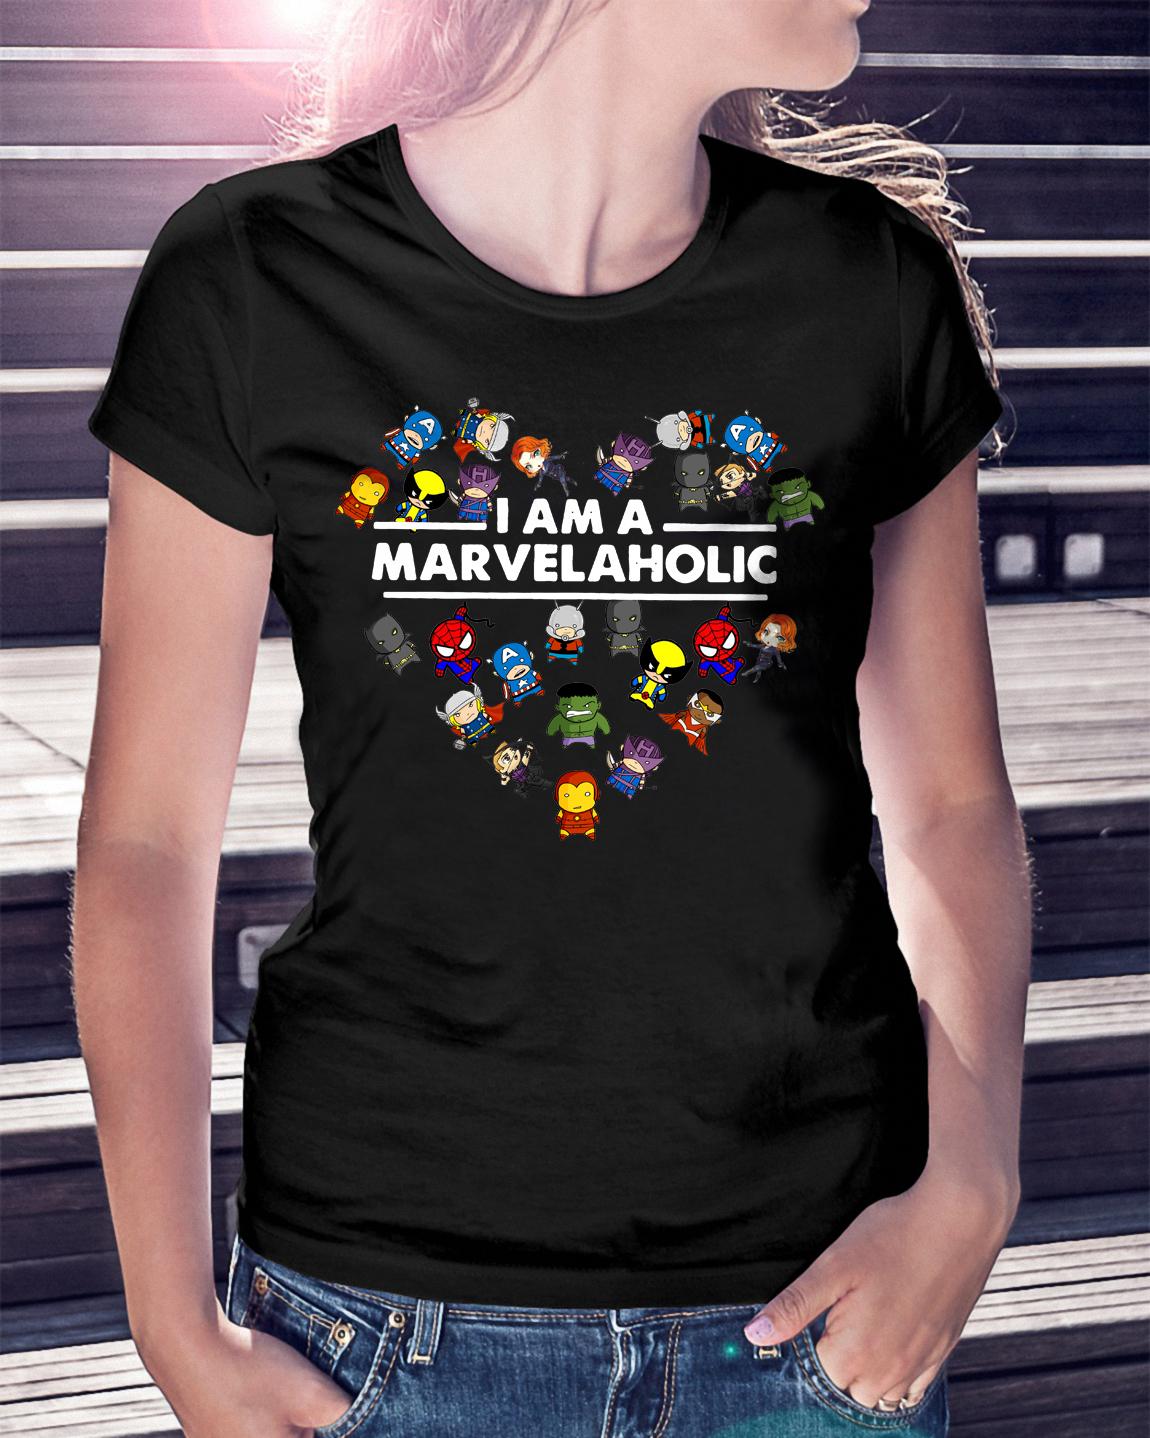 Marvelaholic Shirt Marvel Ladies Tee